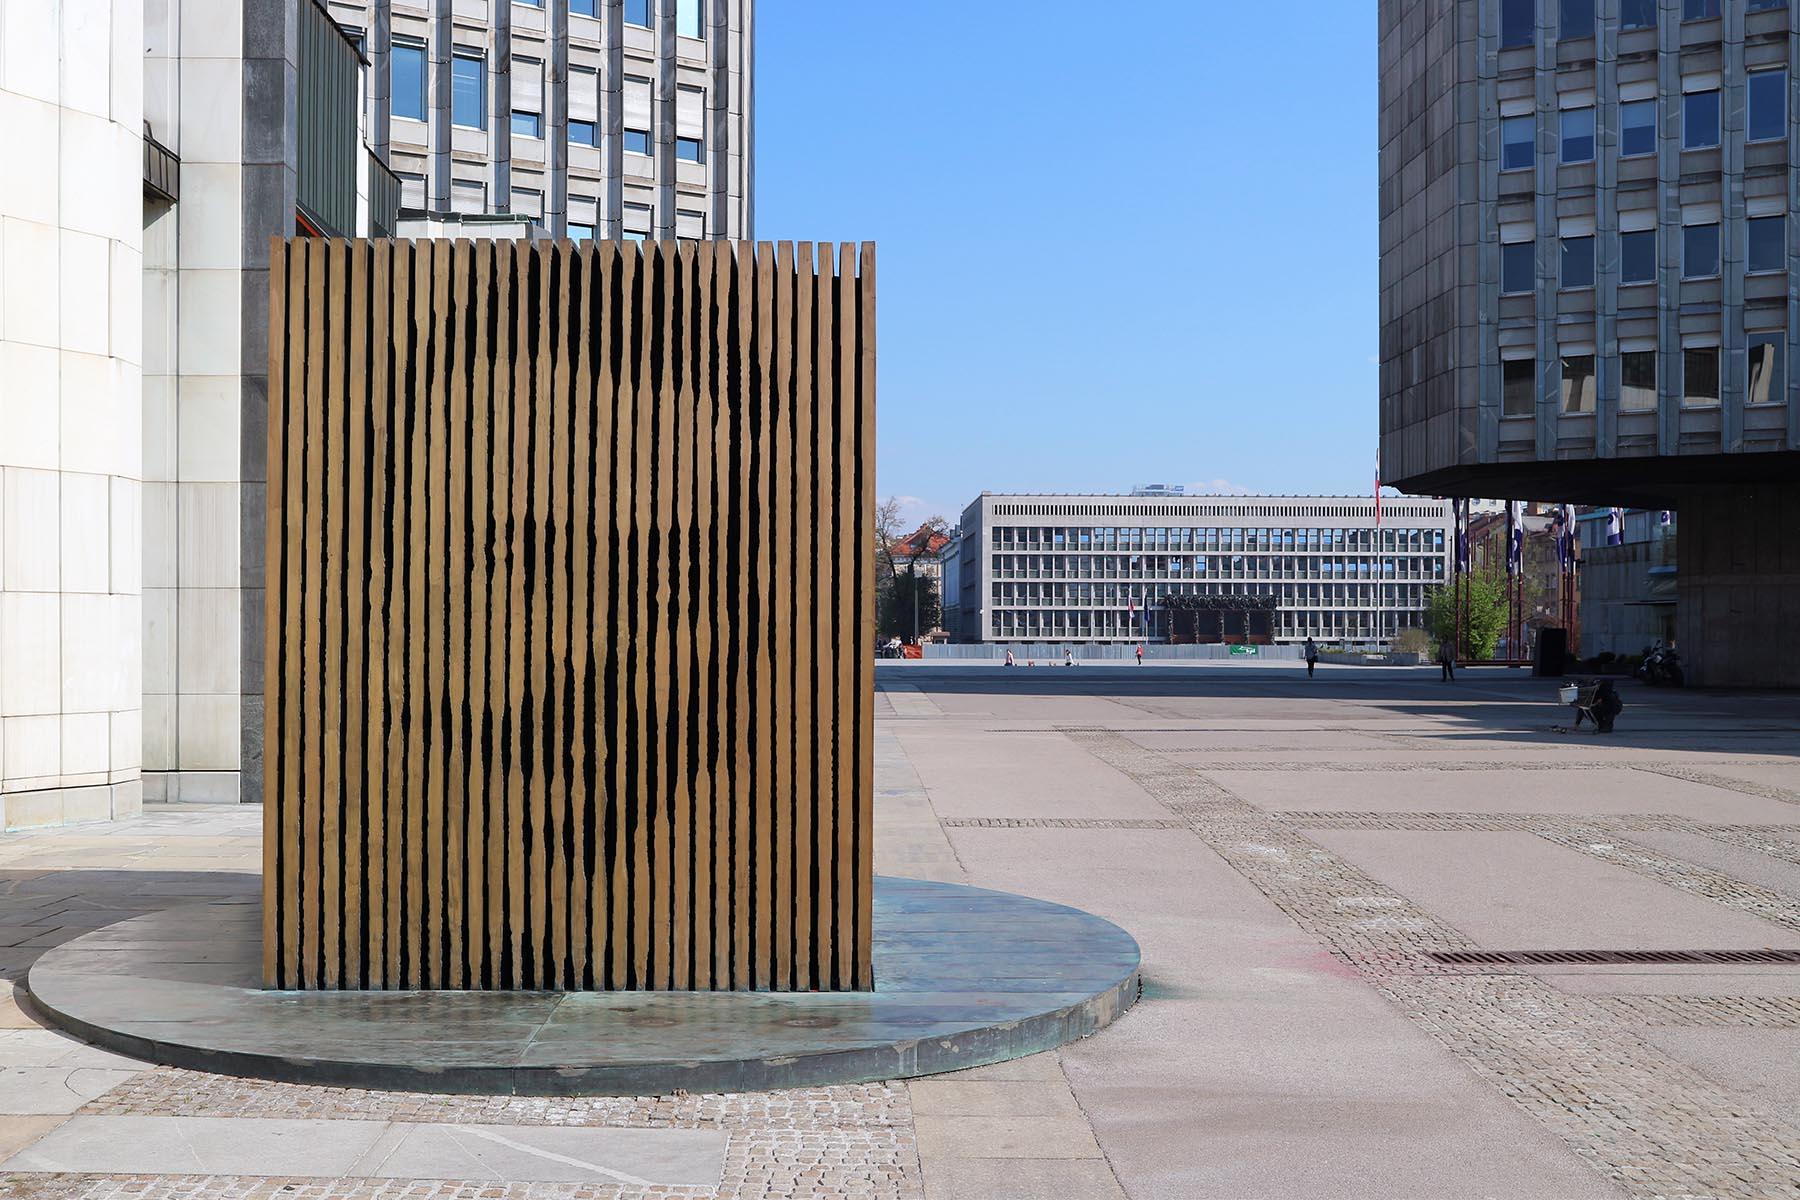 Platz der Republik.  Ursprünglich sollte es hier um den Entwurf eines Revolutions-Denkmals gehen. Zwei Hochhäuser sind die städtebaulichen Ankerpunkte der Plätze. Ravnikar plante die zwei verschieden hohen Gebäude als Antwort auf die beiden wichtigsten Erhebungen der Stadt, dem Burgberg und dem Tivoli. Die Fassaden sind mit dünnen Granitplatten bedeckt. Sloweniens erstes Kaufhaus Maximarket (Maxi) bildet eine Flanke des Platzes.